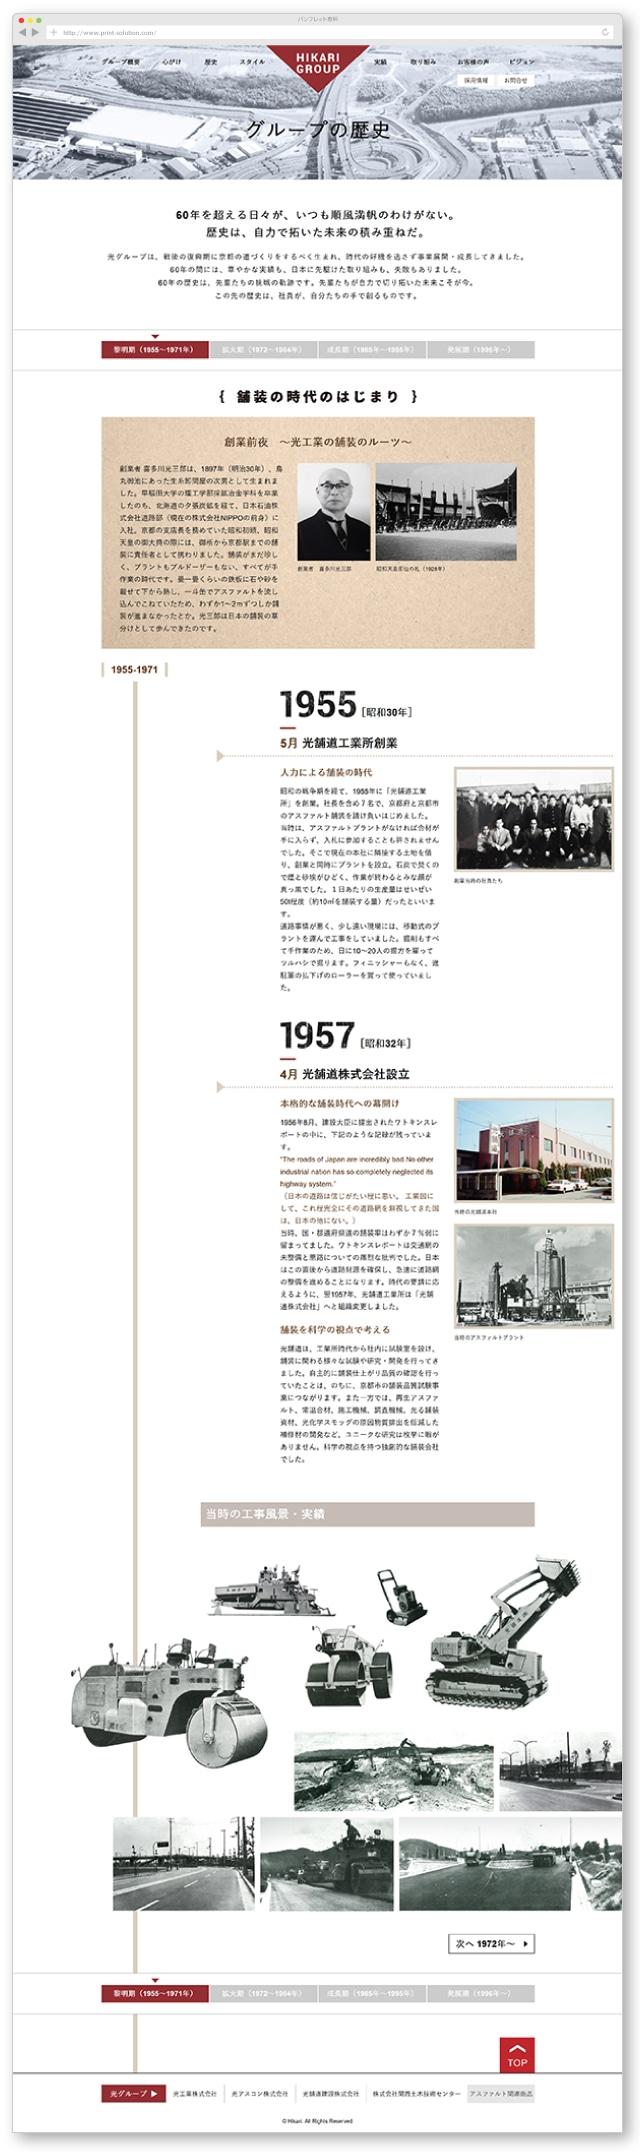 「グループの歴史」ページ